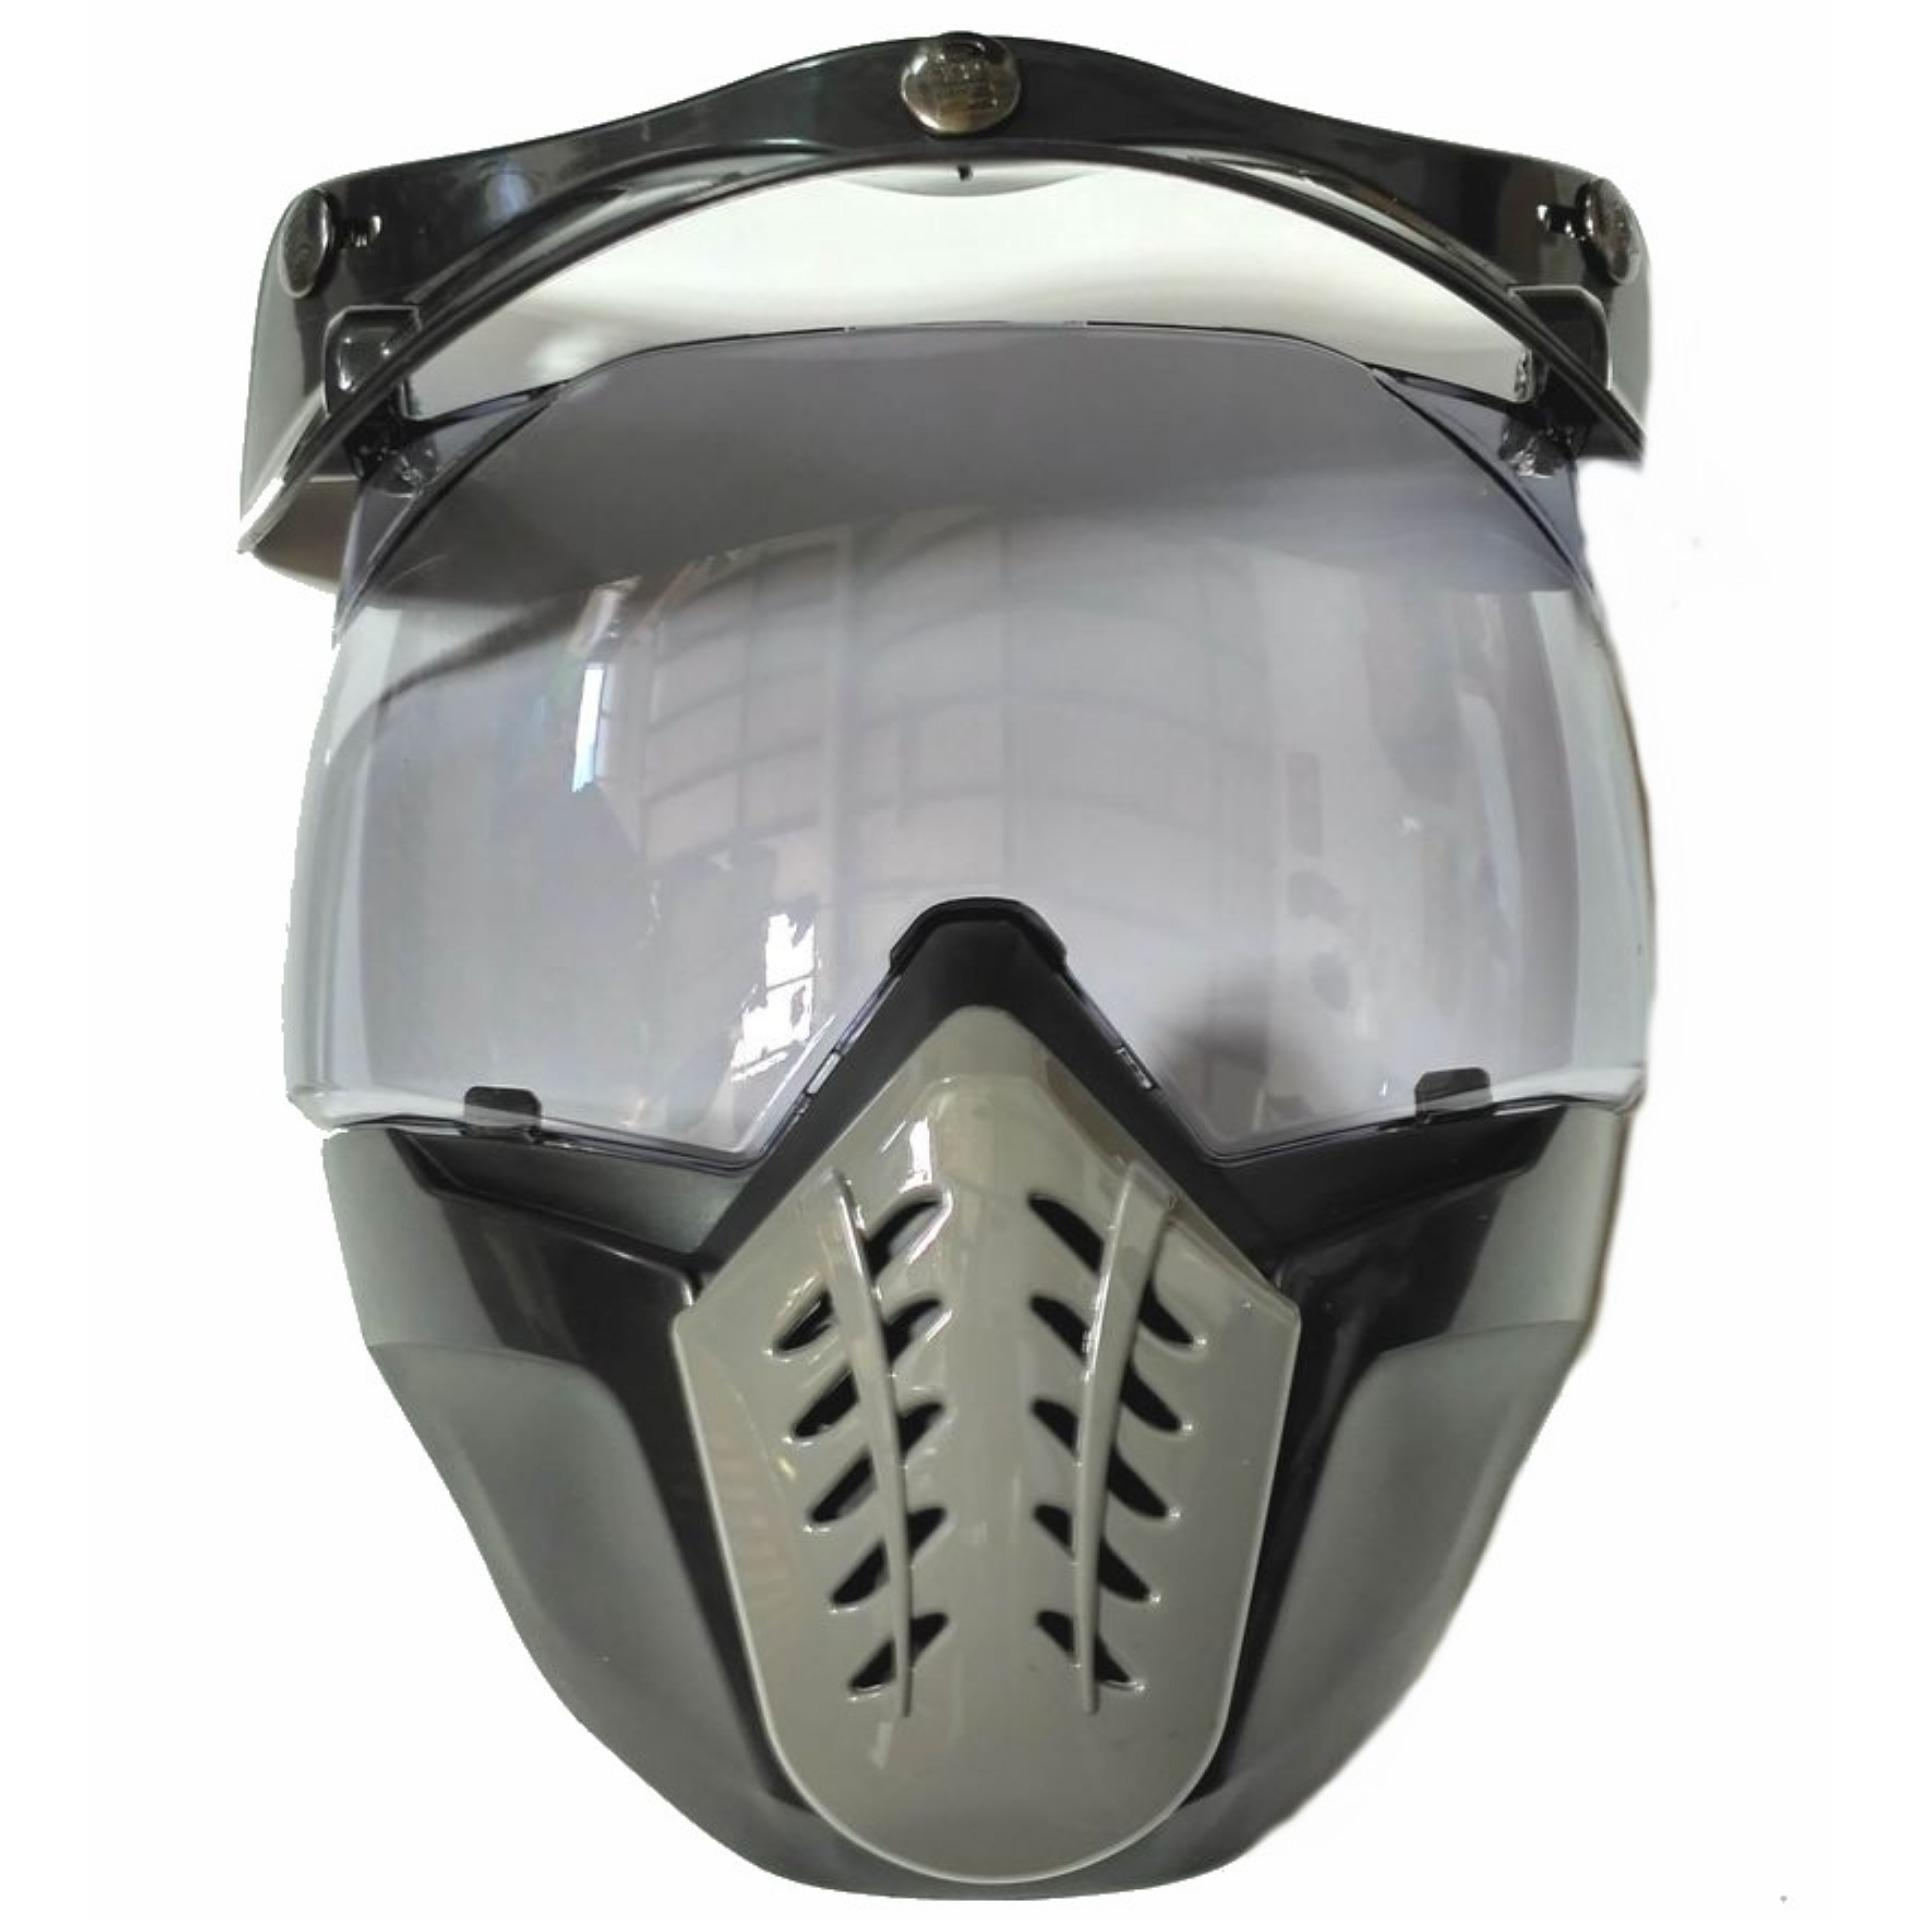 Berapa Harga Kaca Helm Retro Alien Mask Modular Masker Topeng Smoke Di Jawa Barat